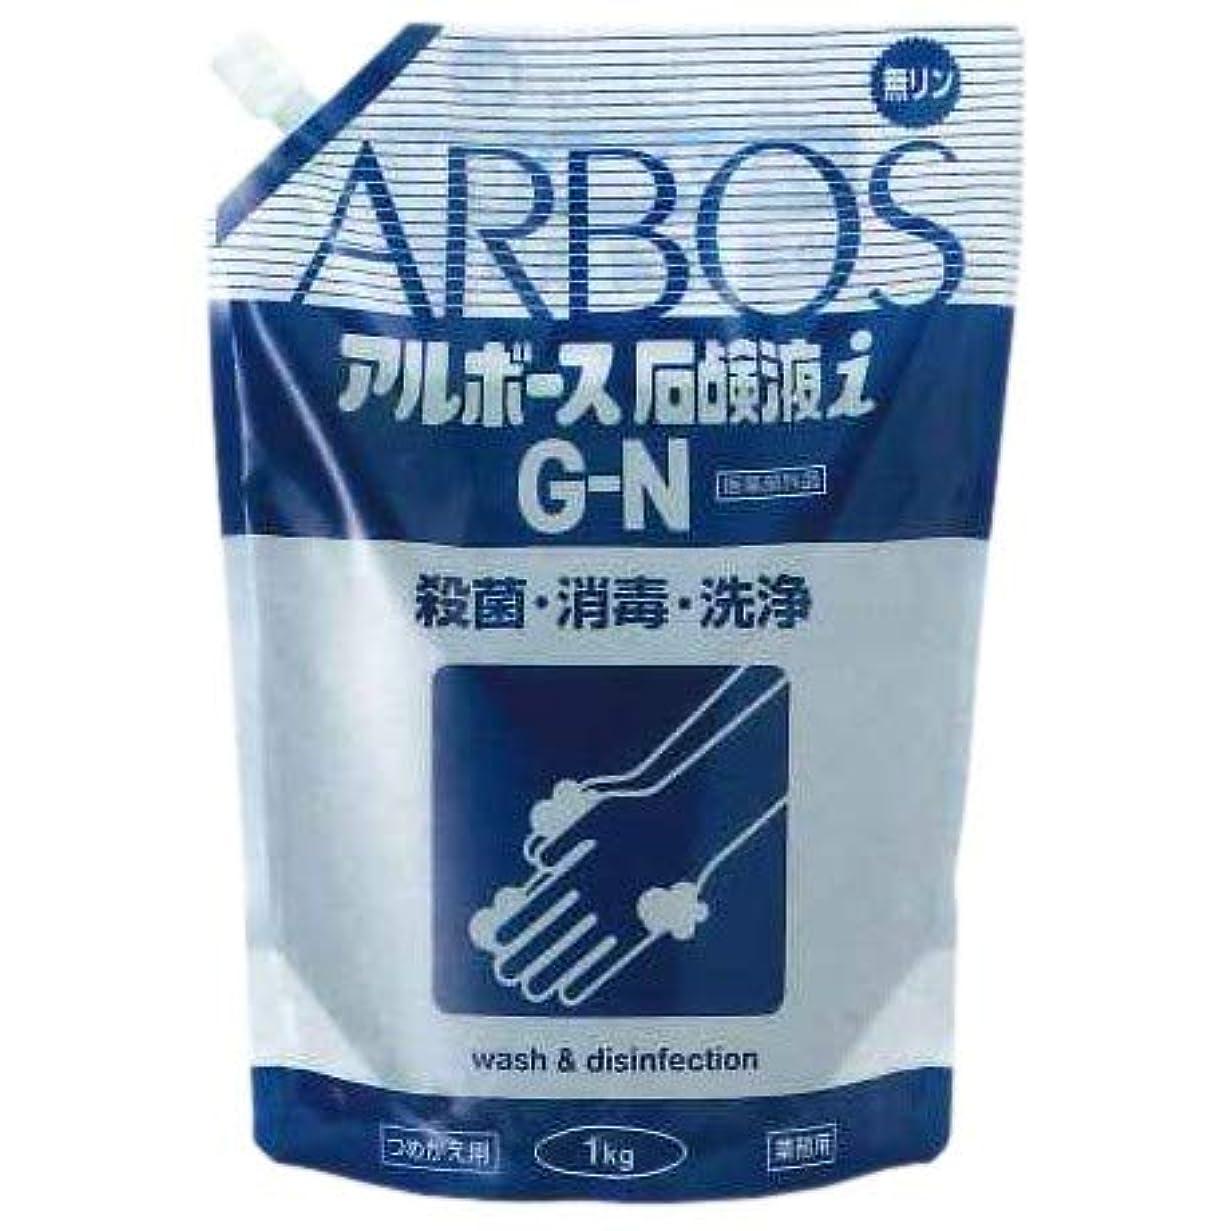 ウィンク五先住民アルボース 薬用ハンドソープ アルボース石鹸液i G-N 濃縮タイプ 1kg×18袋